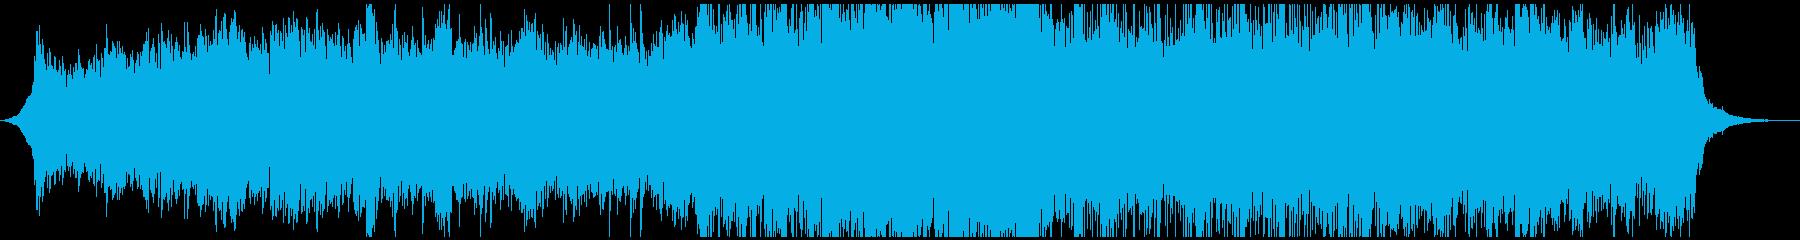 室内楽 モダン 交響曲 アンビエン...の再生済みの波形